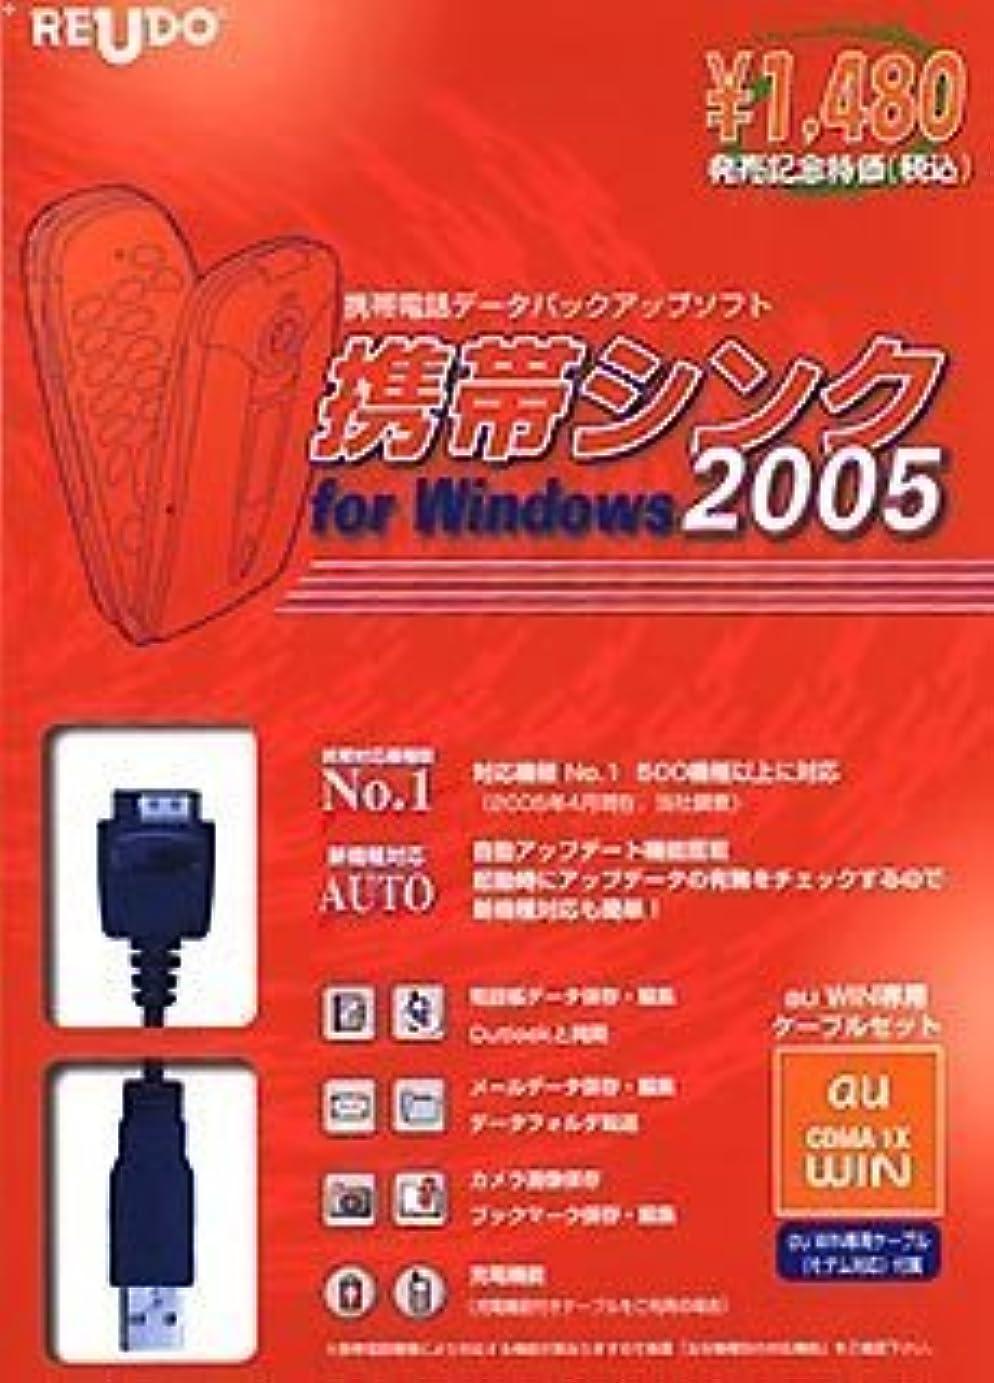 仕事に行く電池ティッシュ携帯シンク for Windows 2005 au WIN専用ケーブルセット